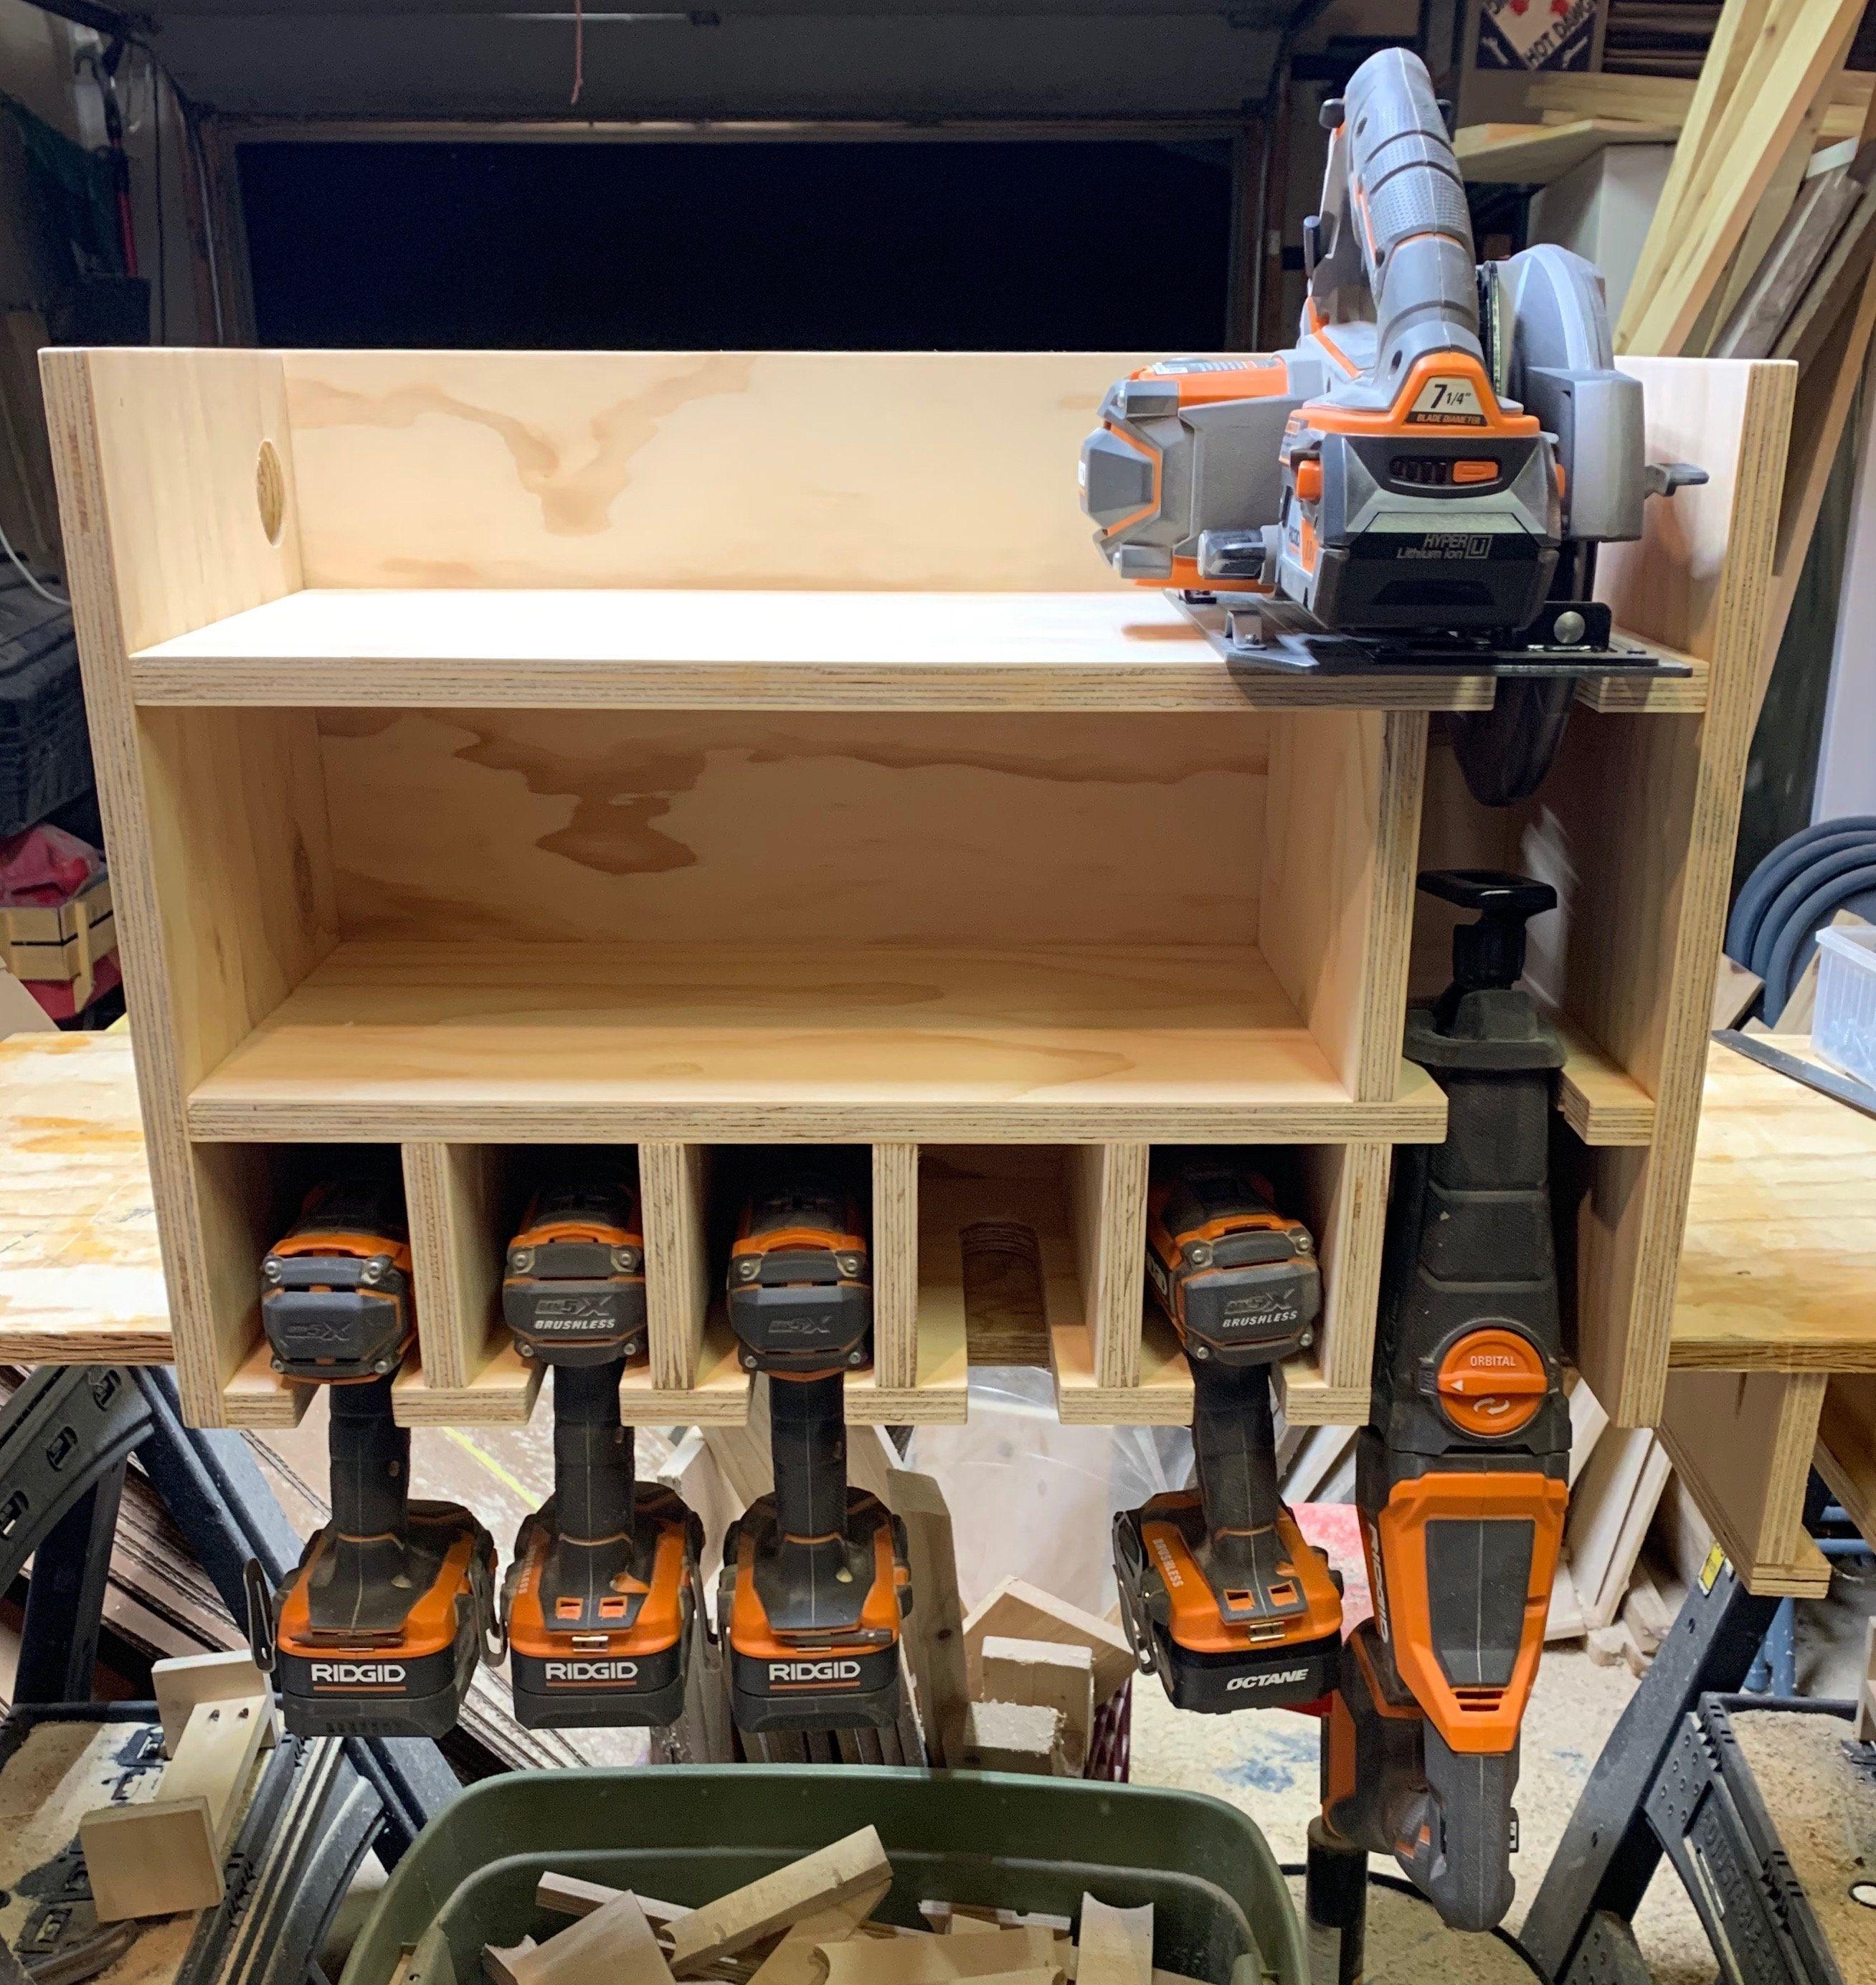 cordless drill organizer in 2020 diy garage storage on inspiring diy garage storage design ideas on a budget to maximize your garage id=95029